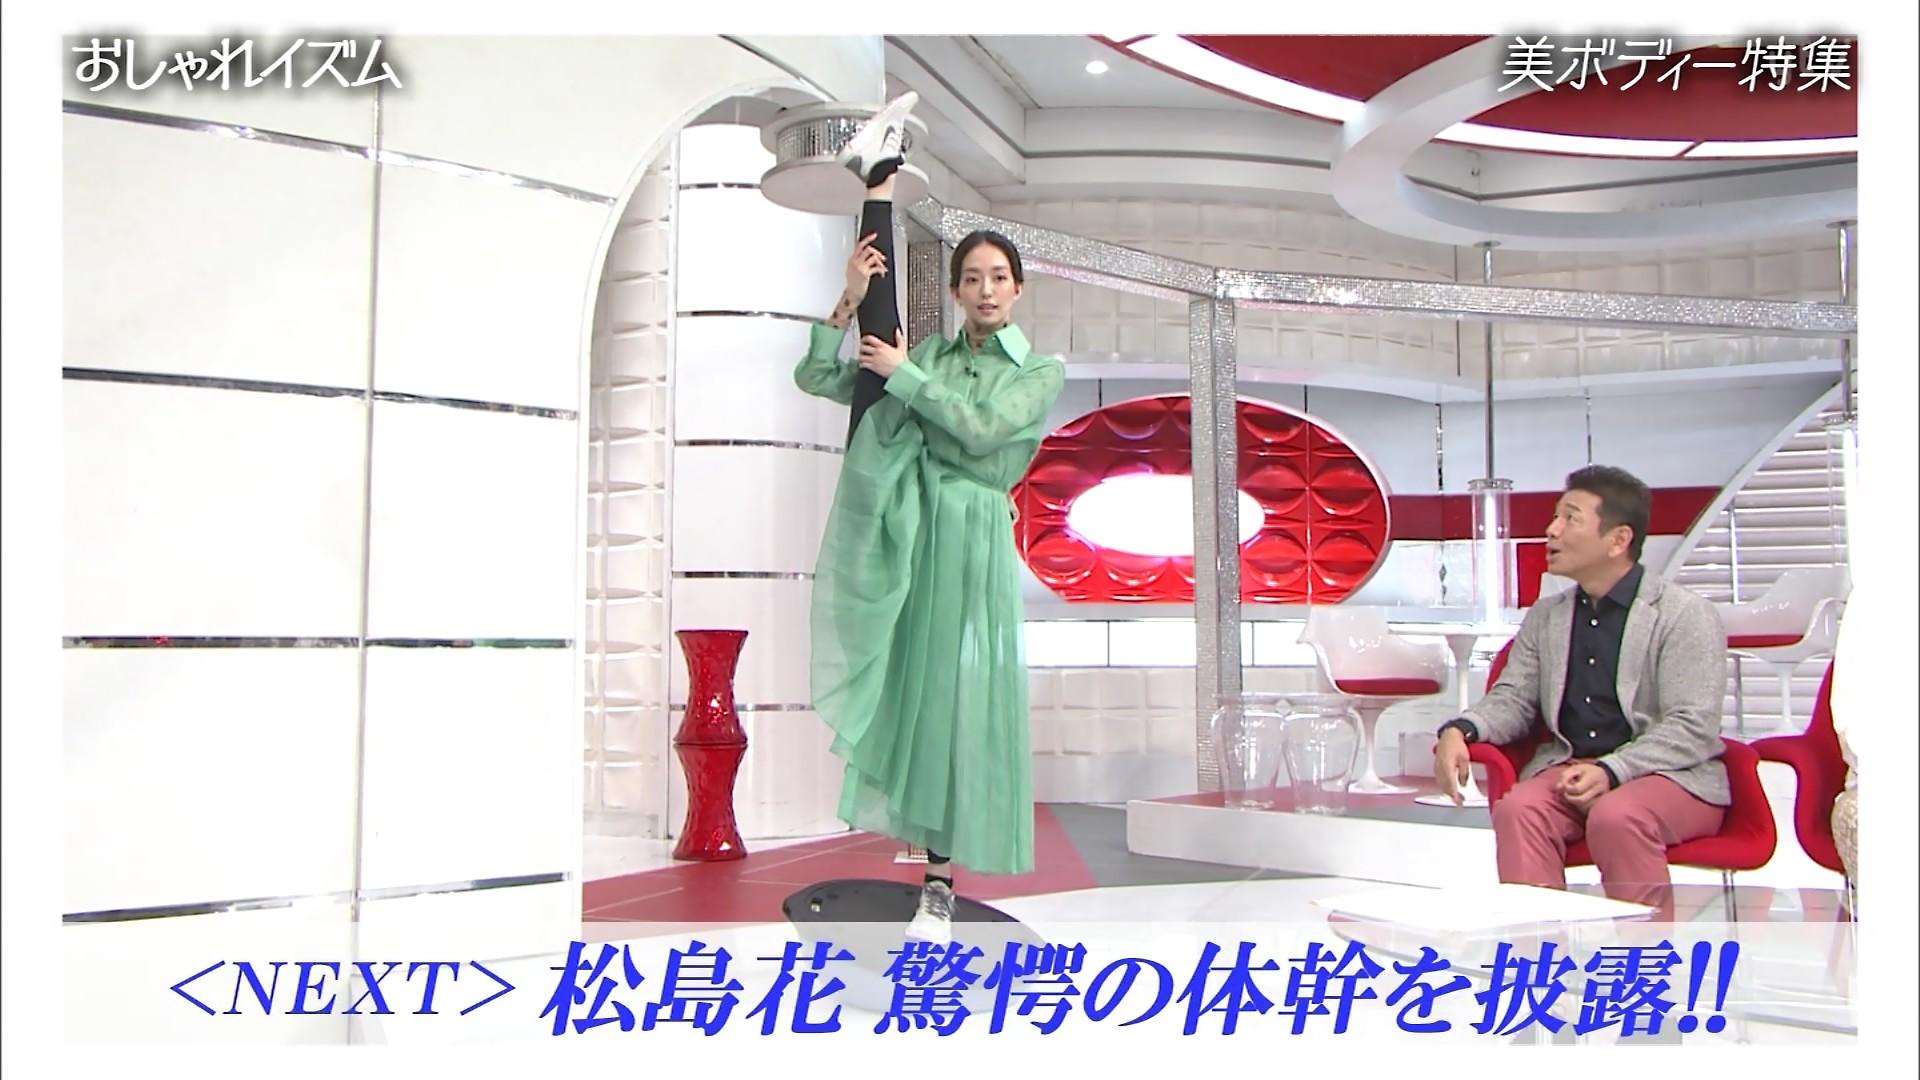 胸チラ_谷間_おっぱい_おしゃれイズム_19